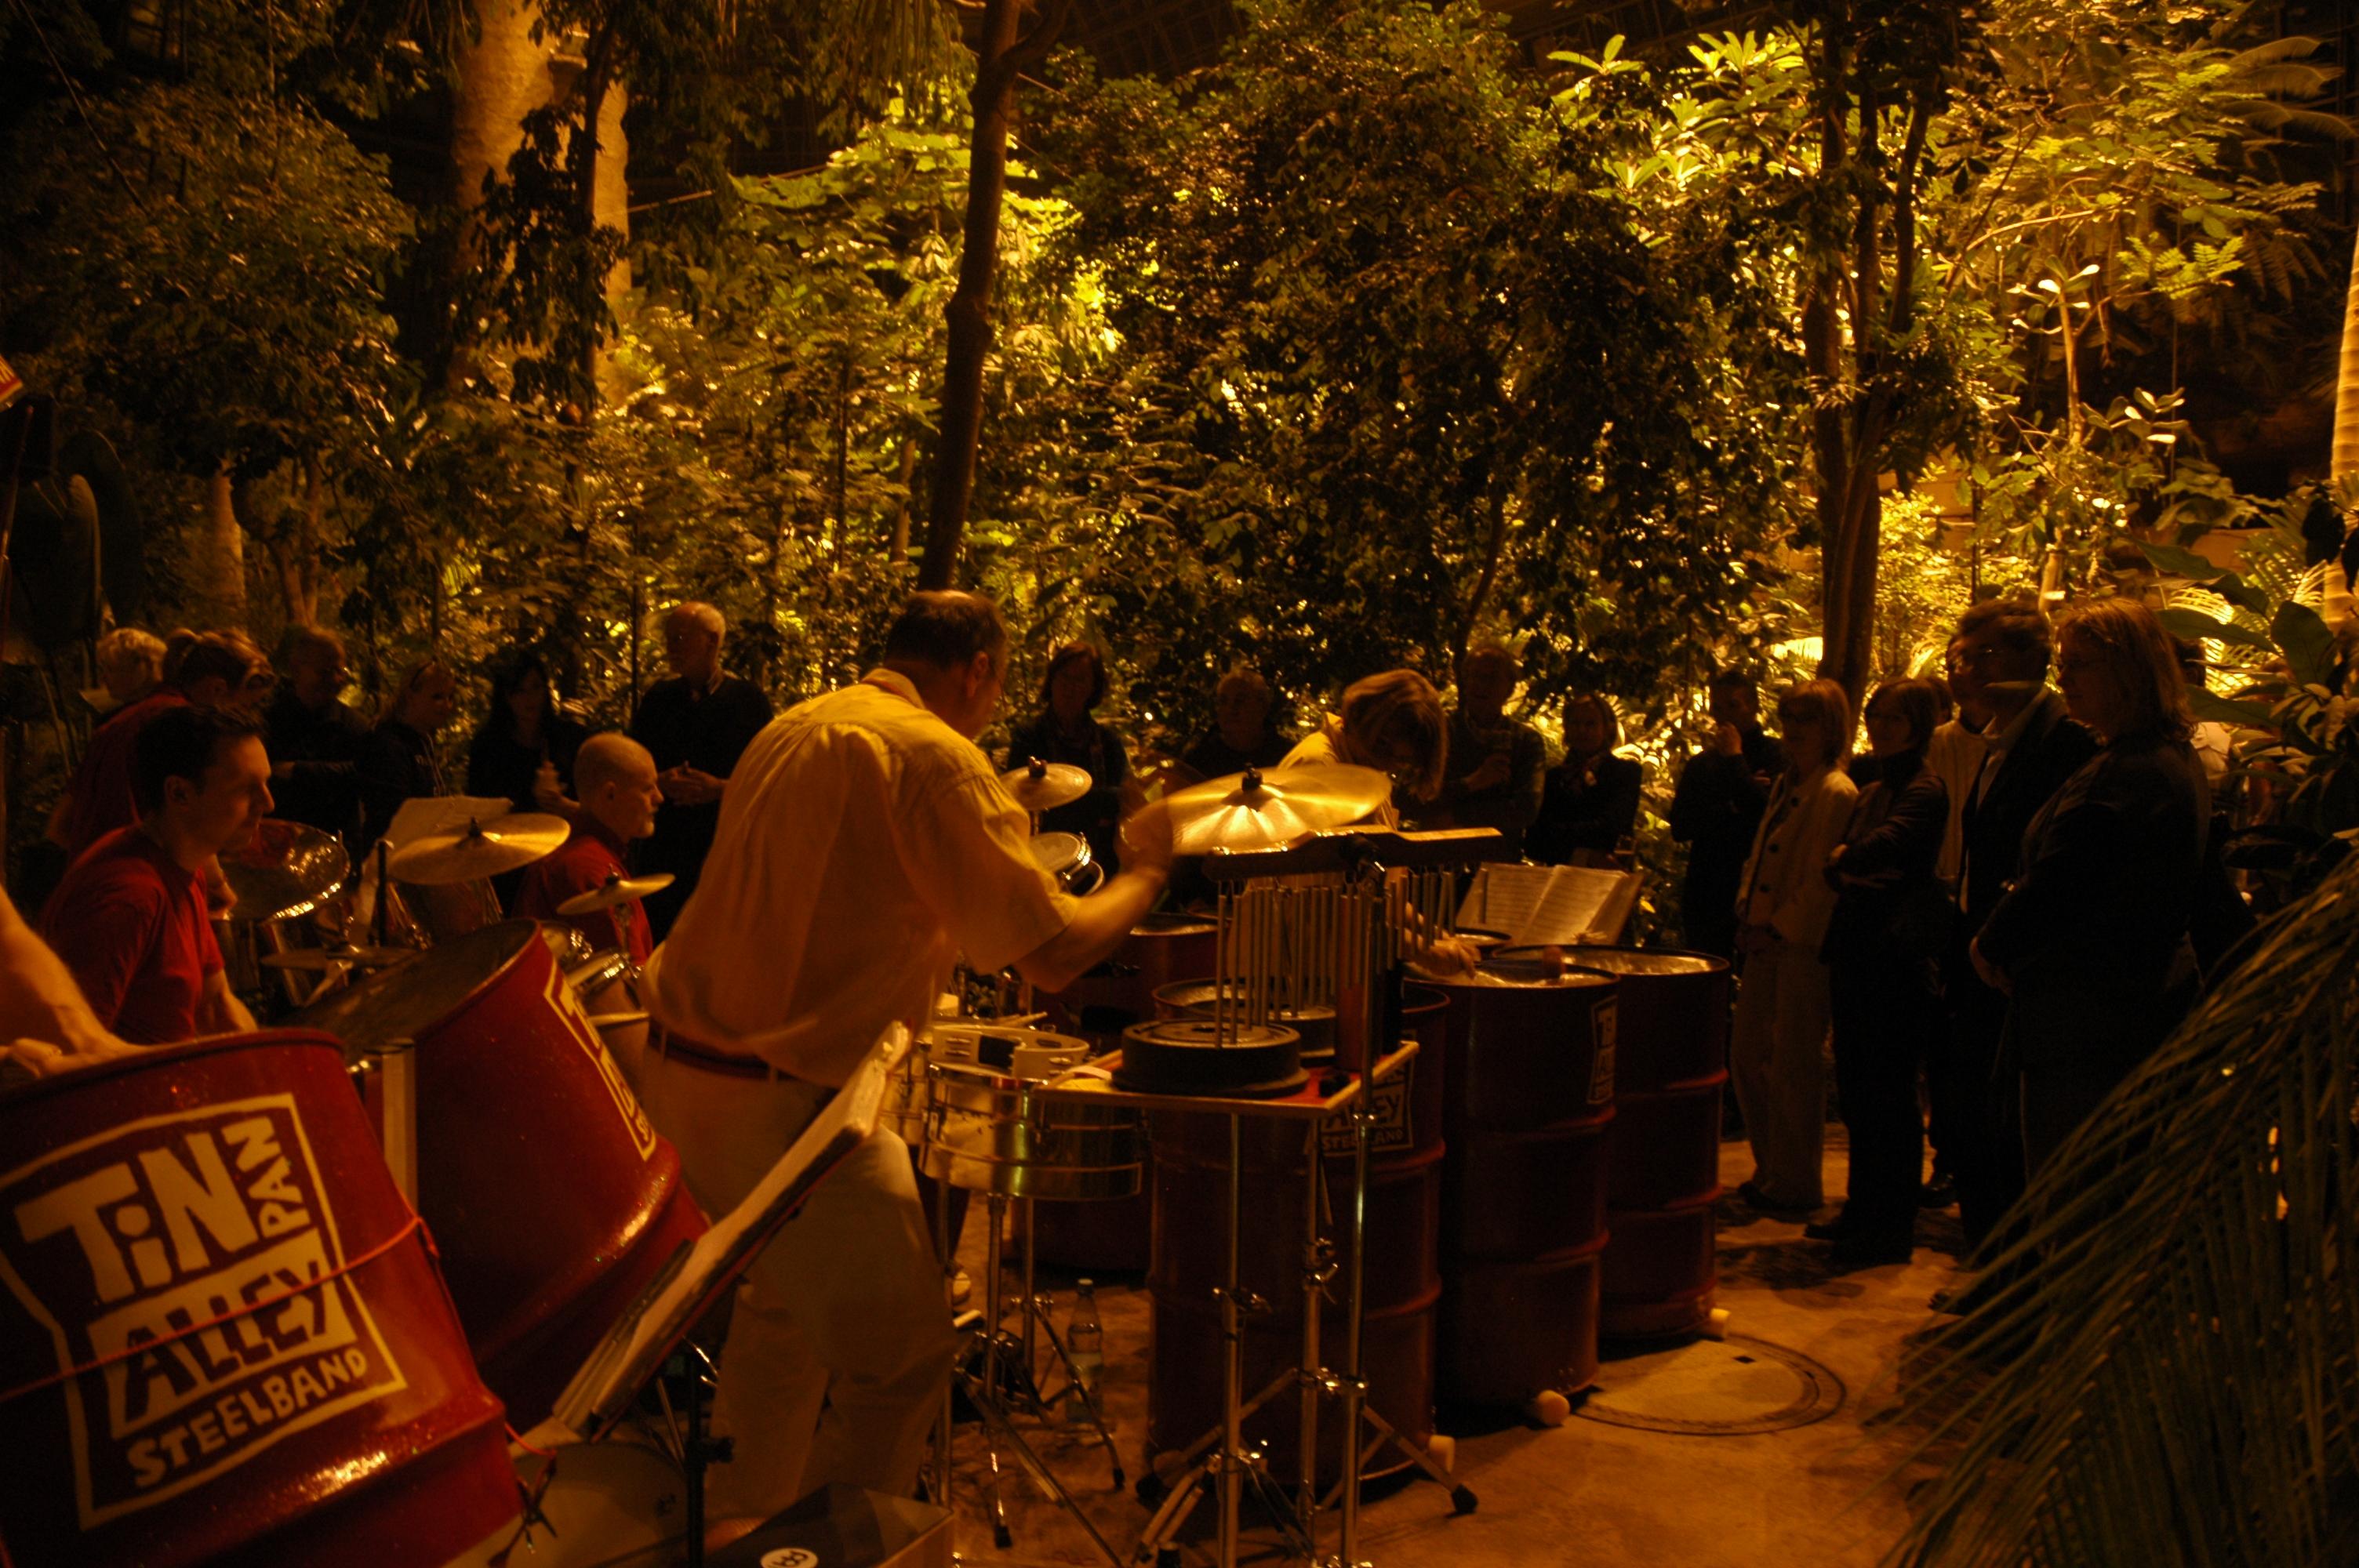 tropische nacht im botanischen garten live musik im gro en tropenhaus foto g hohlstein. Black Bedroom Furniture Sets. Home Design Ideas